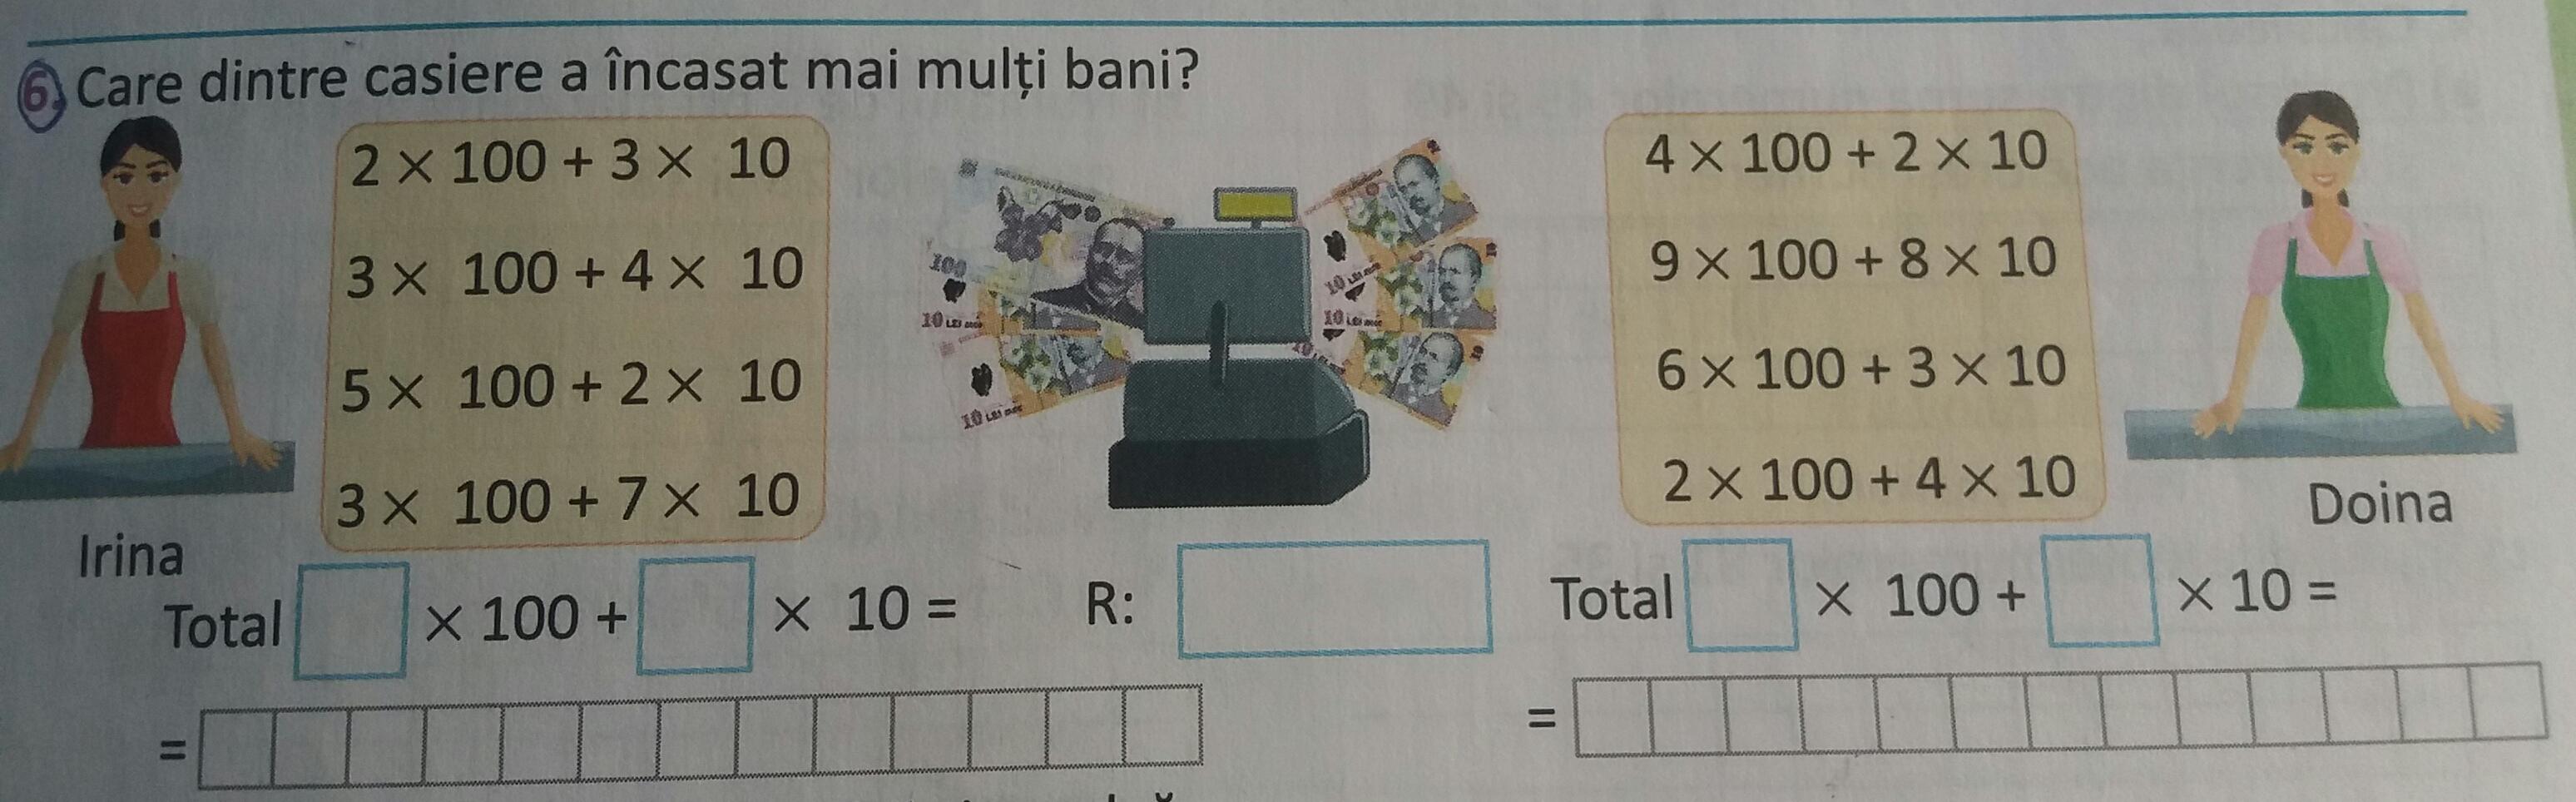 cum se fac teme de bani)